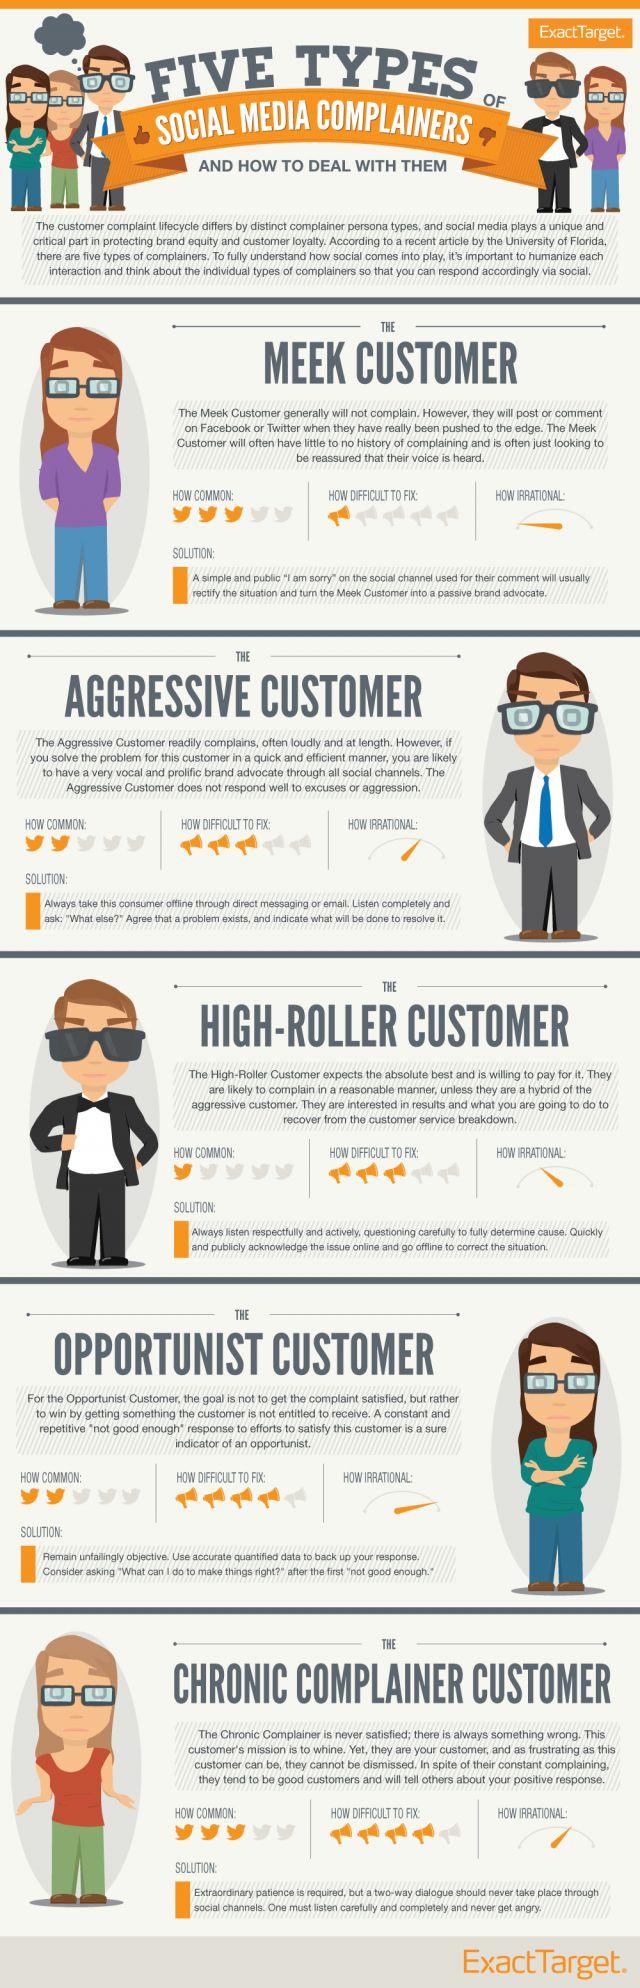 Infografik zeigt Typologie der Social Media Nörgler  http://www.social-secrets.com/2013/04/infografik-zeigt-typologie-der-social-media-norgler/